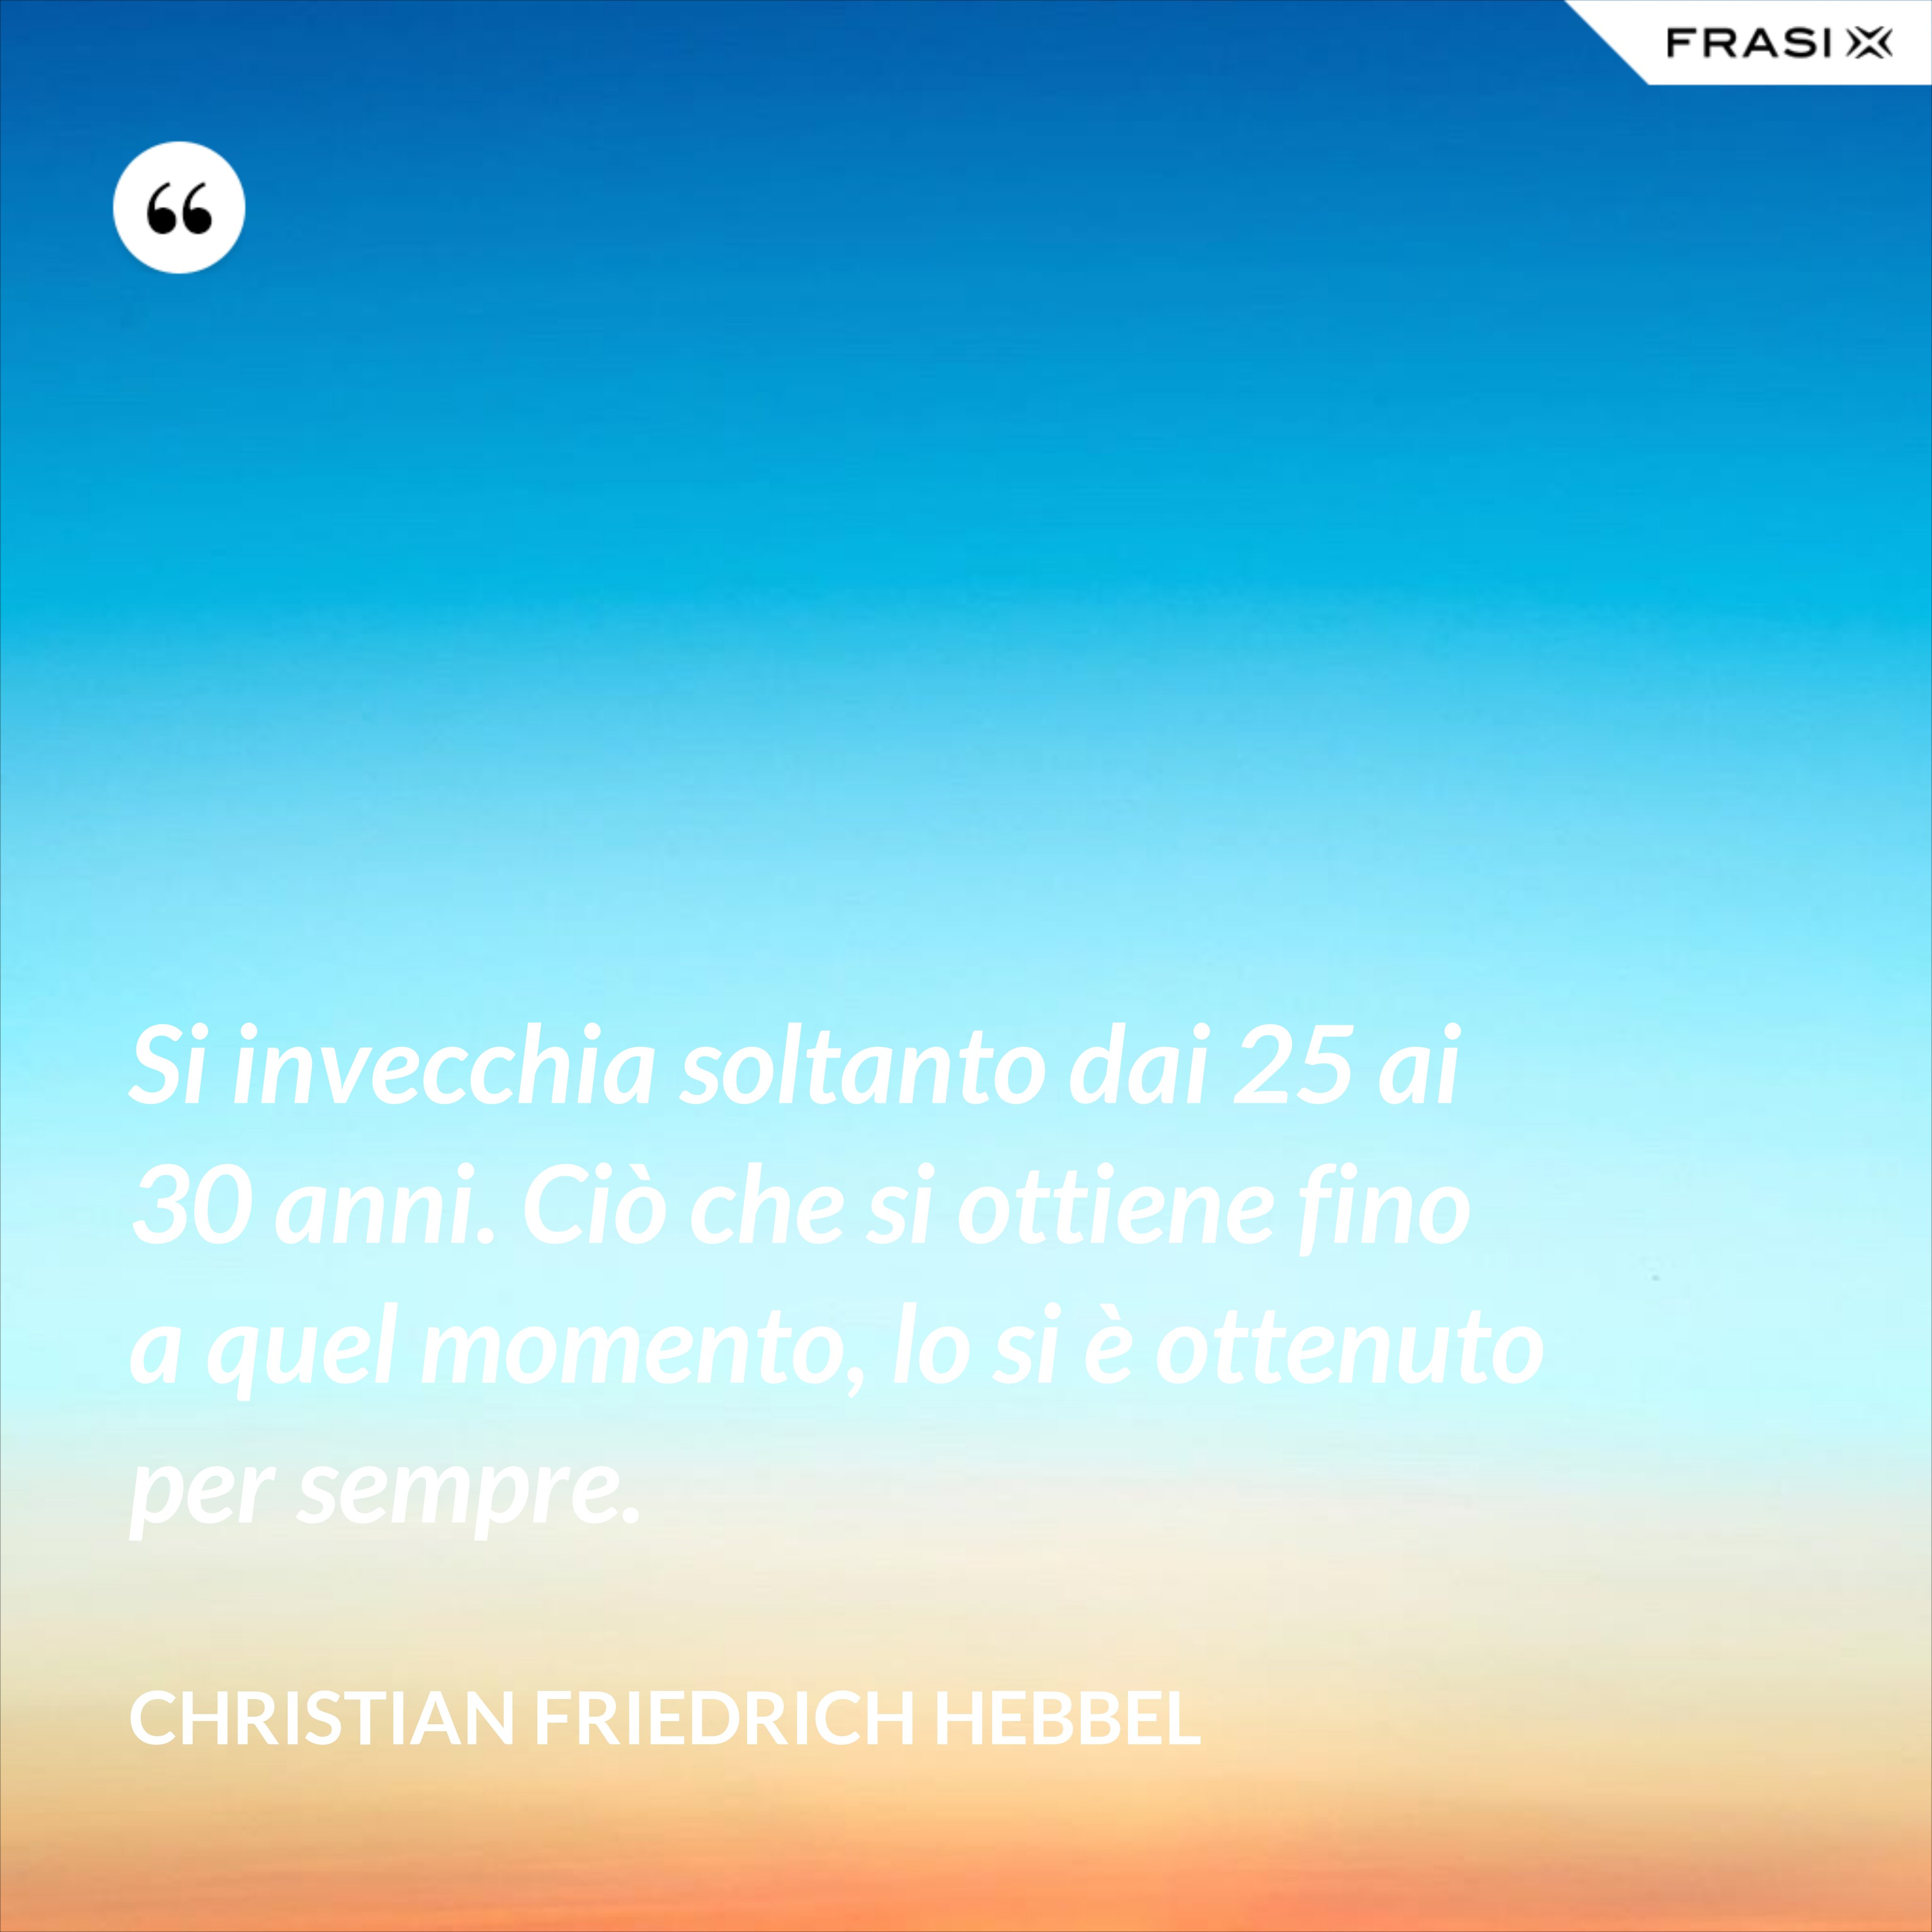 Si invecchia soltanto dai 25 ai 30 anni. Ciò che si ottiene fino a quel momento, lo si è ottenuto per sempre. - Christian Friedrich Hebbel